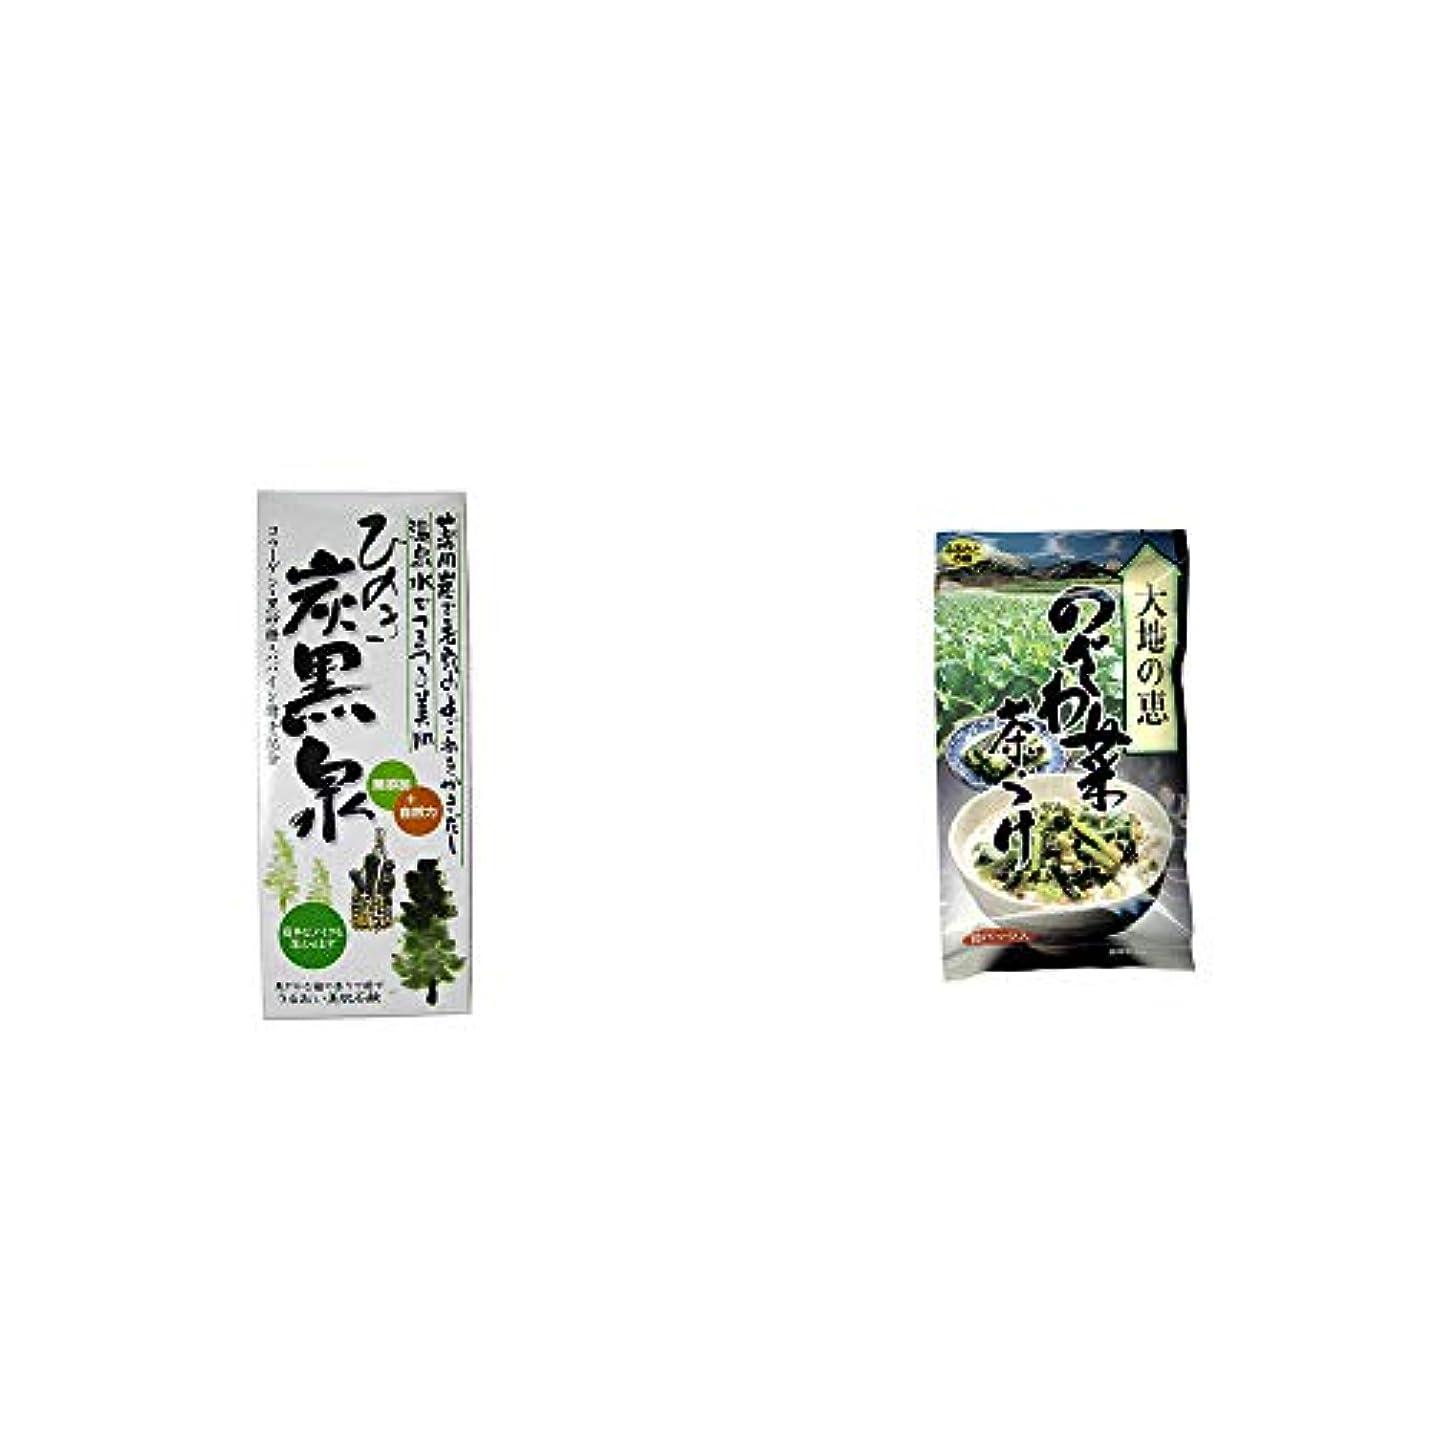 [2点セット] ひのき炭黒泉 箱入り(75g×3)?特選茶漬け 大地の恵 のざわ菜茶づけ(10袋入)